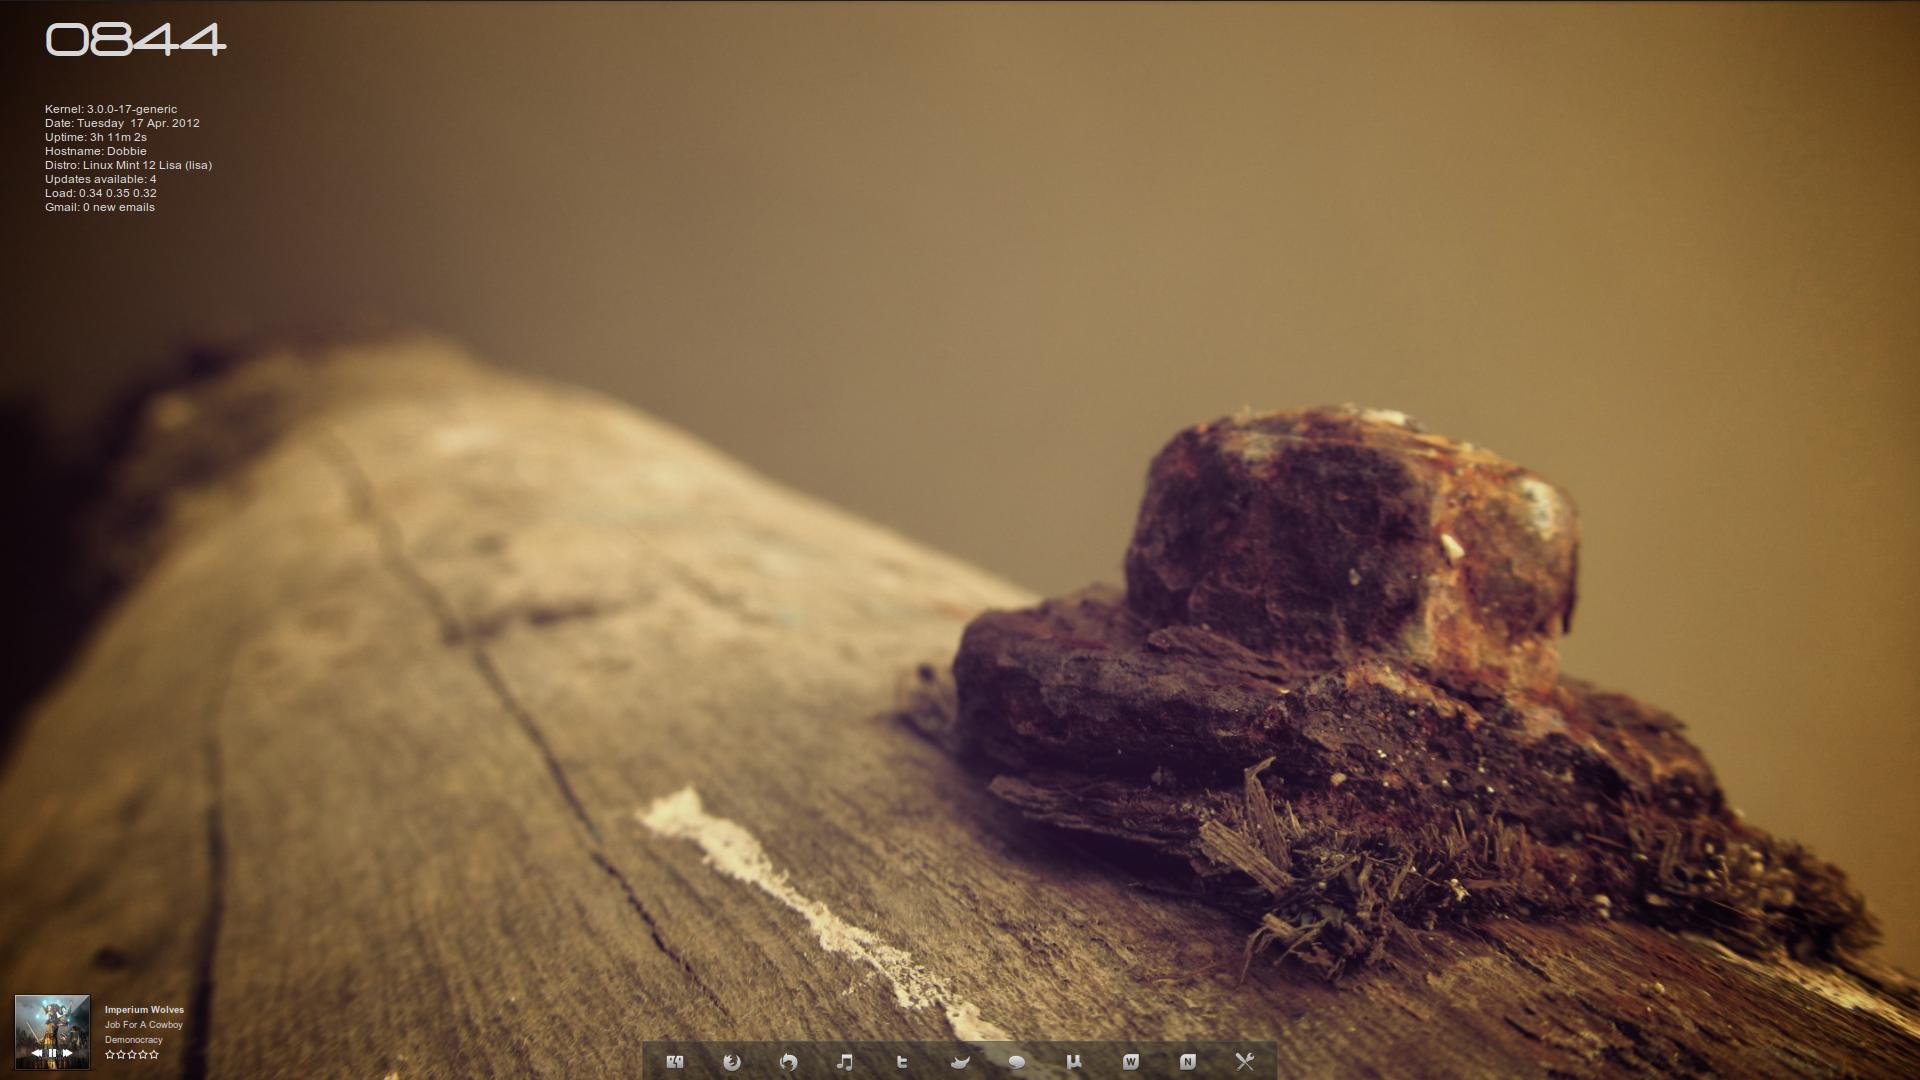 Rusty April by Dobbie03